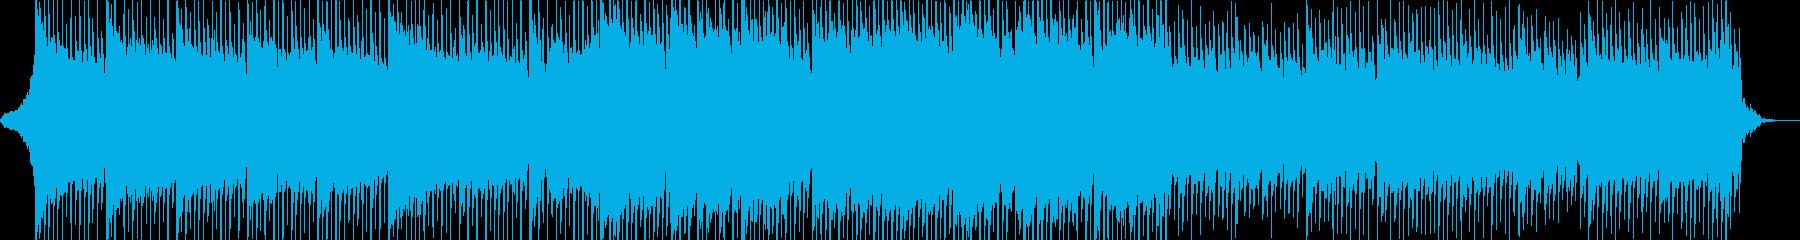 海外ドラマの挿入曲の様なBGMの再生済みの波形